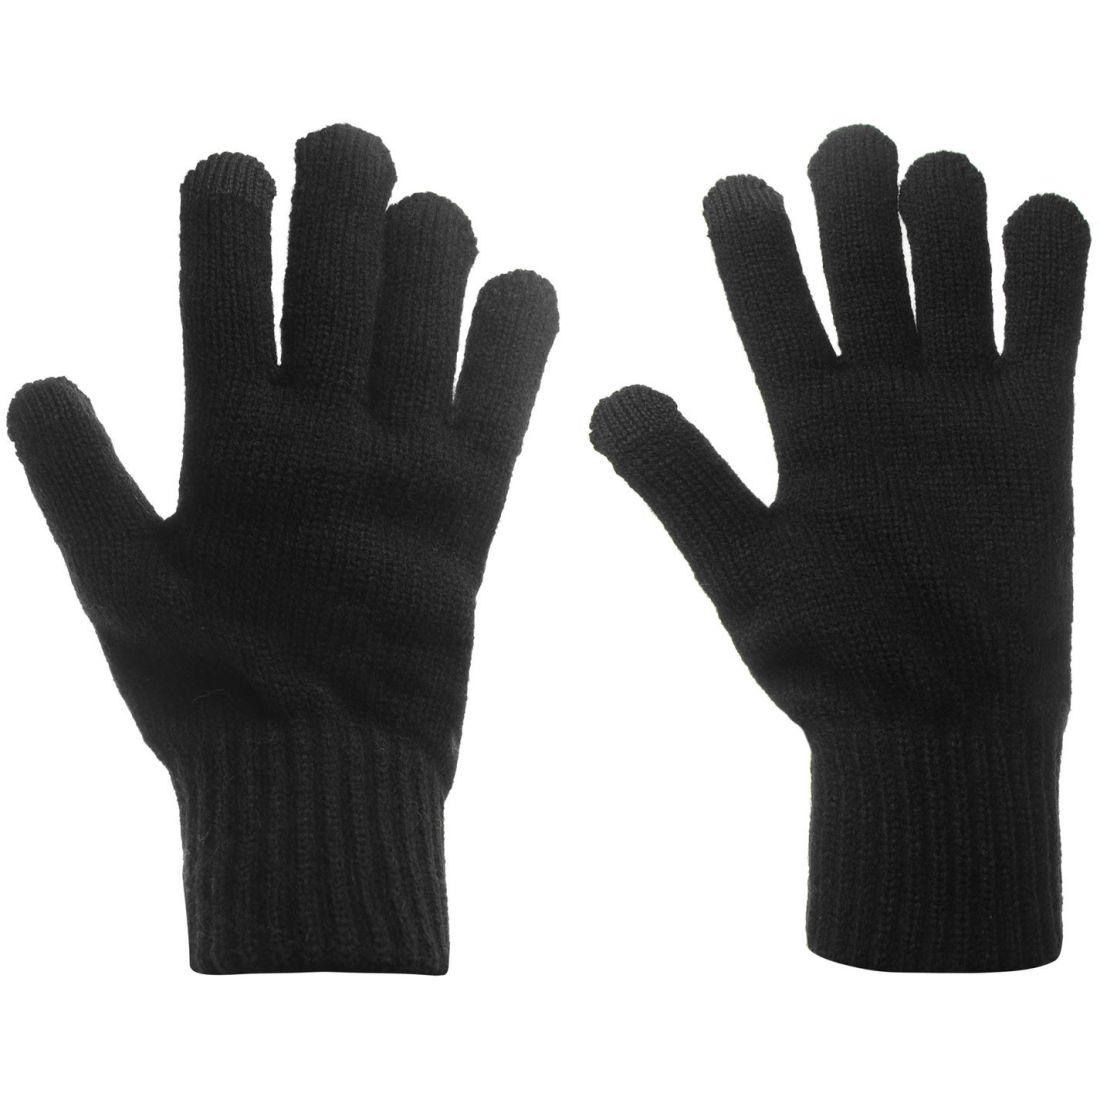 Mens-Jack-and-Jones-Melange-Gloves-Knitted-New thumbnail 2